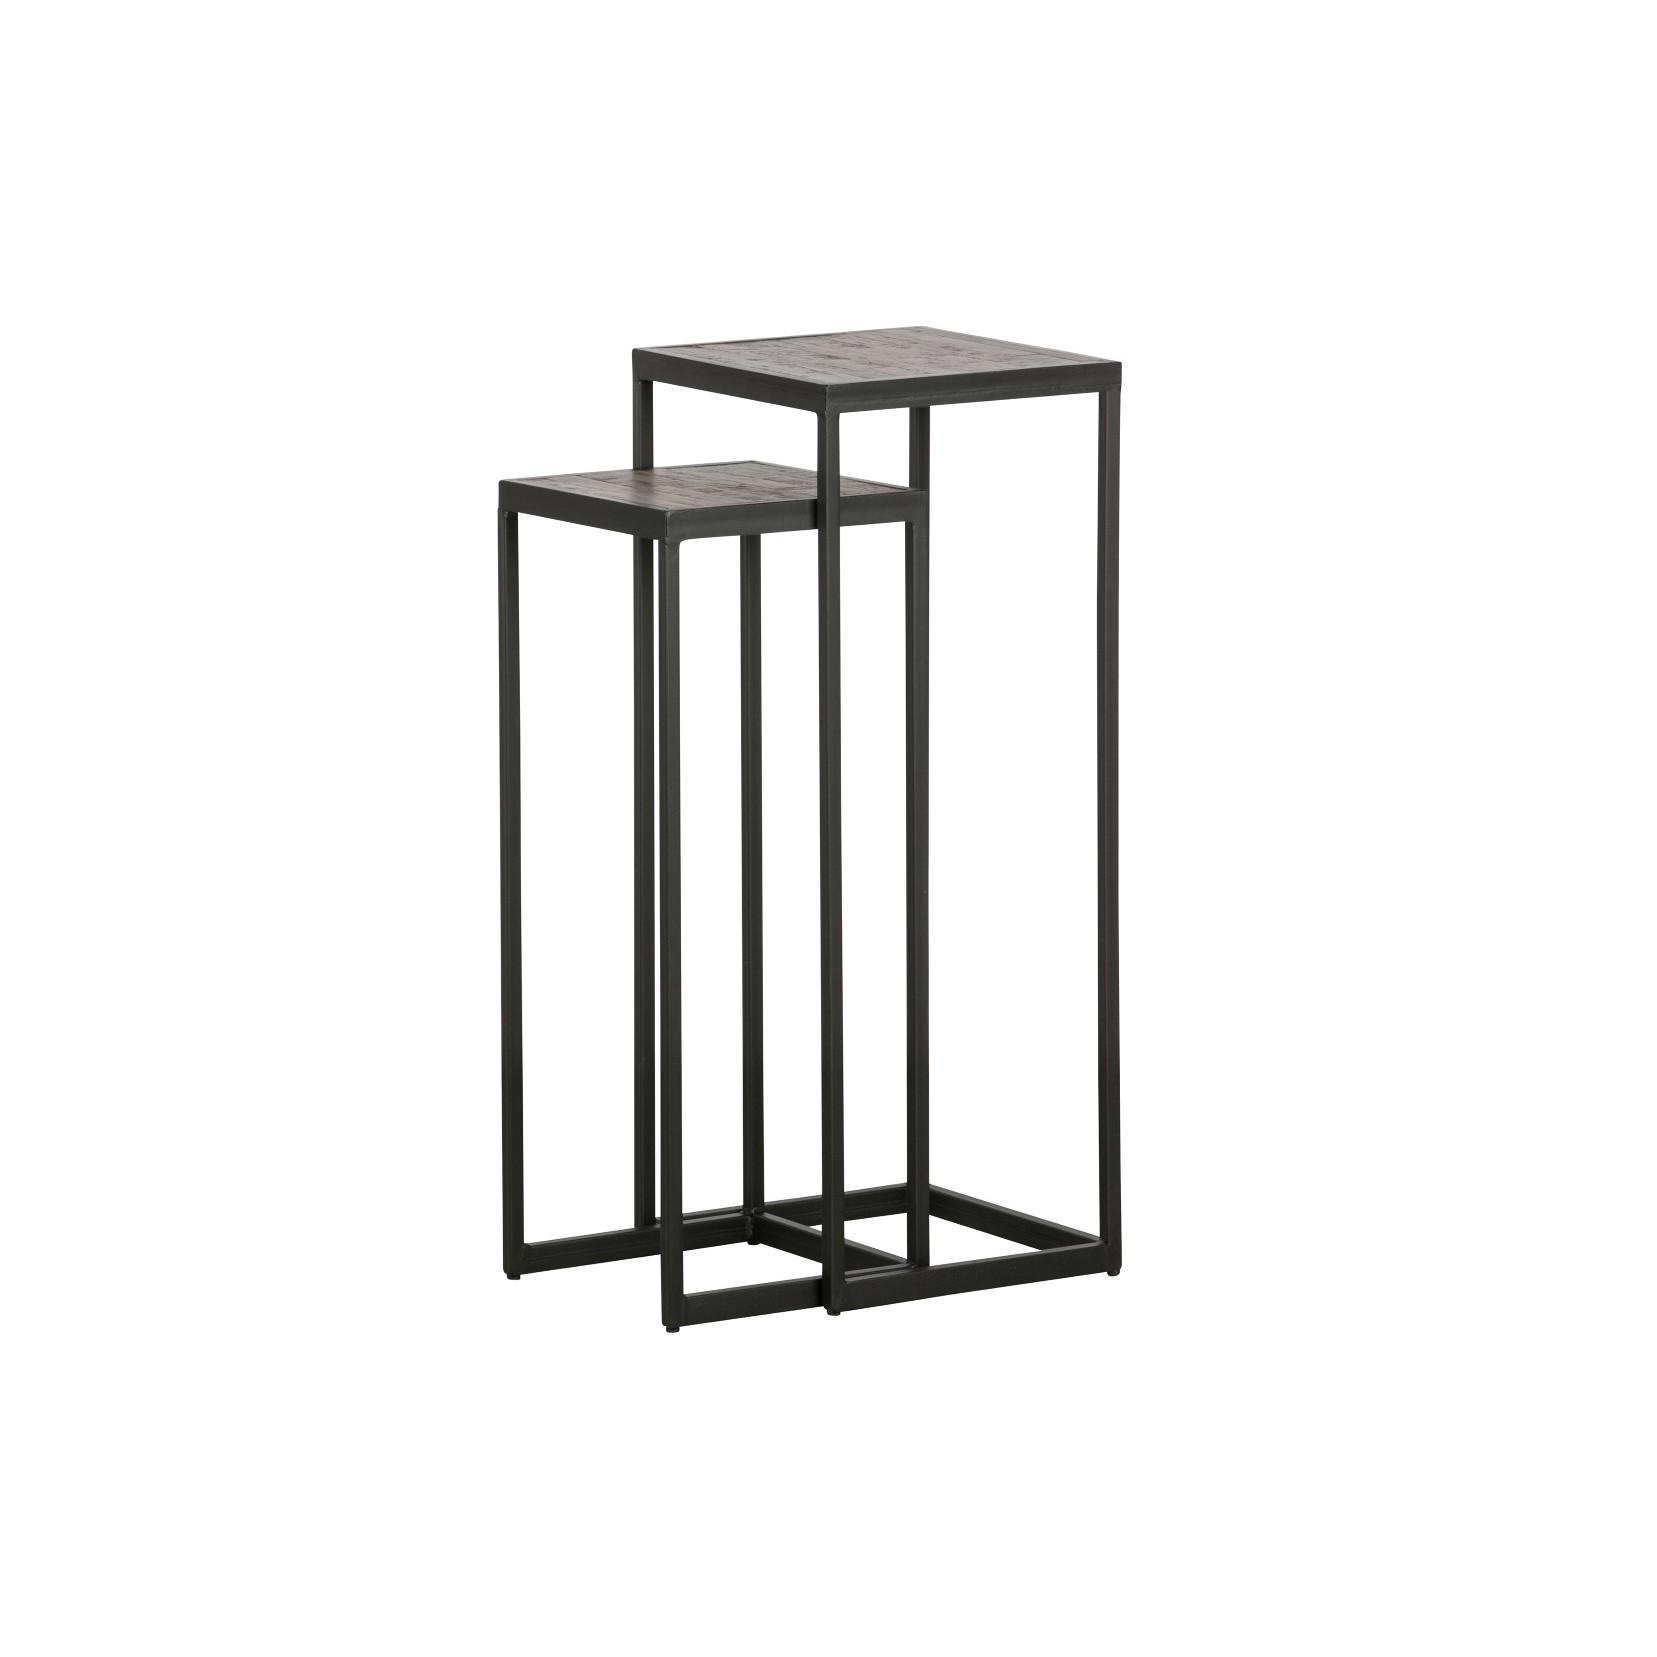 2er-Set Beistelltische Vic Holz/Metall